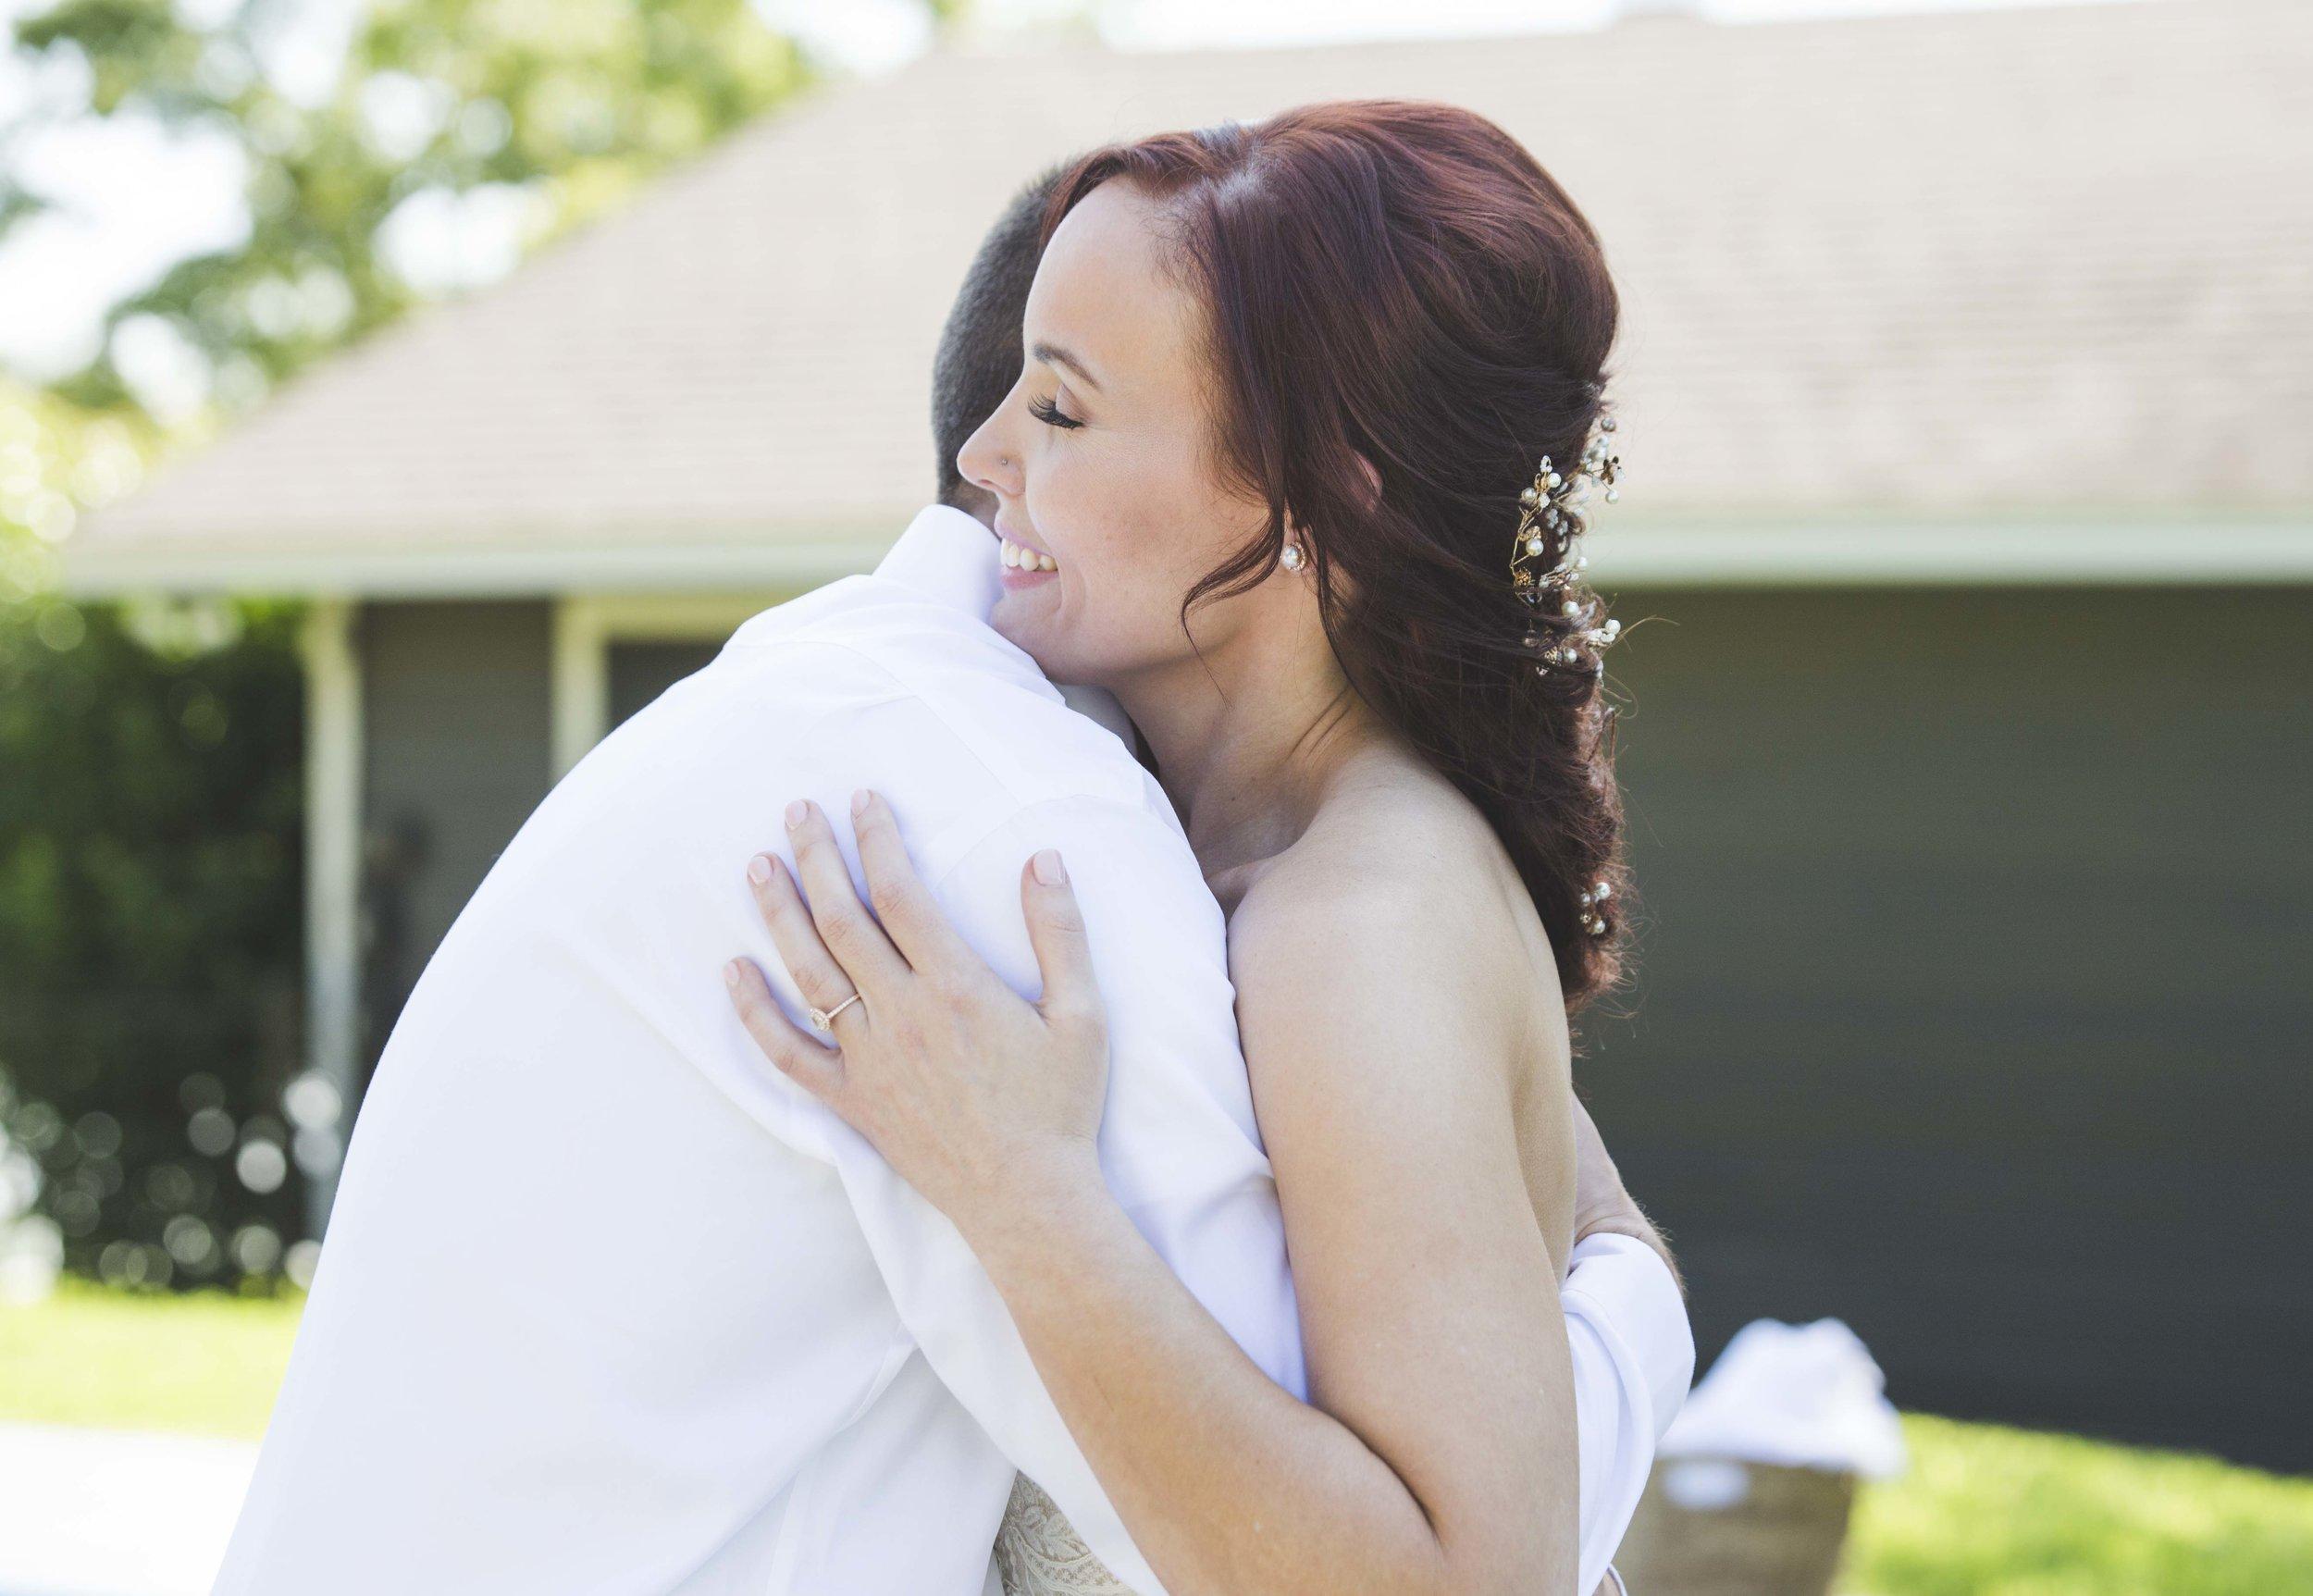 ATGI_Susanna & Matt Wedding_717A7324.jpg